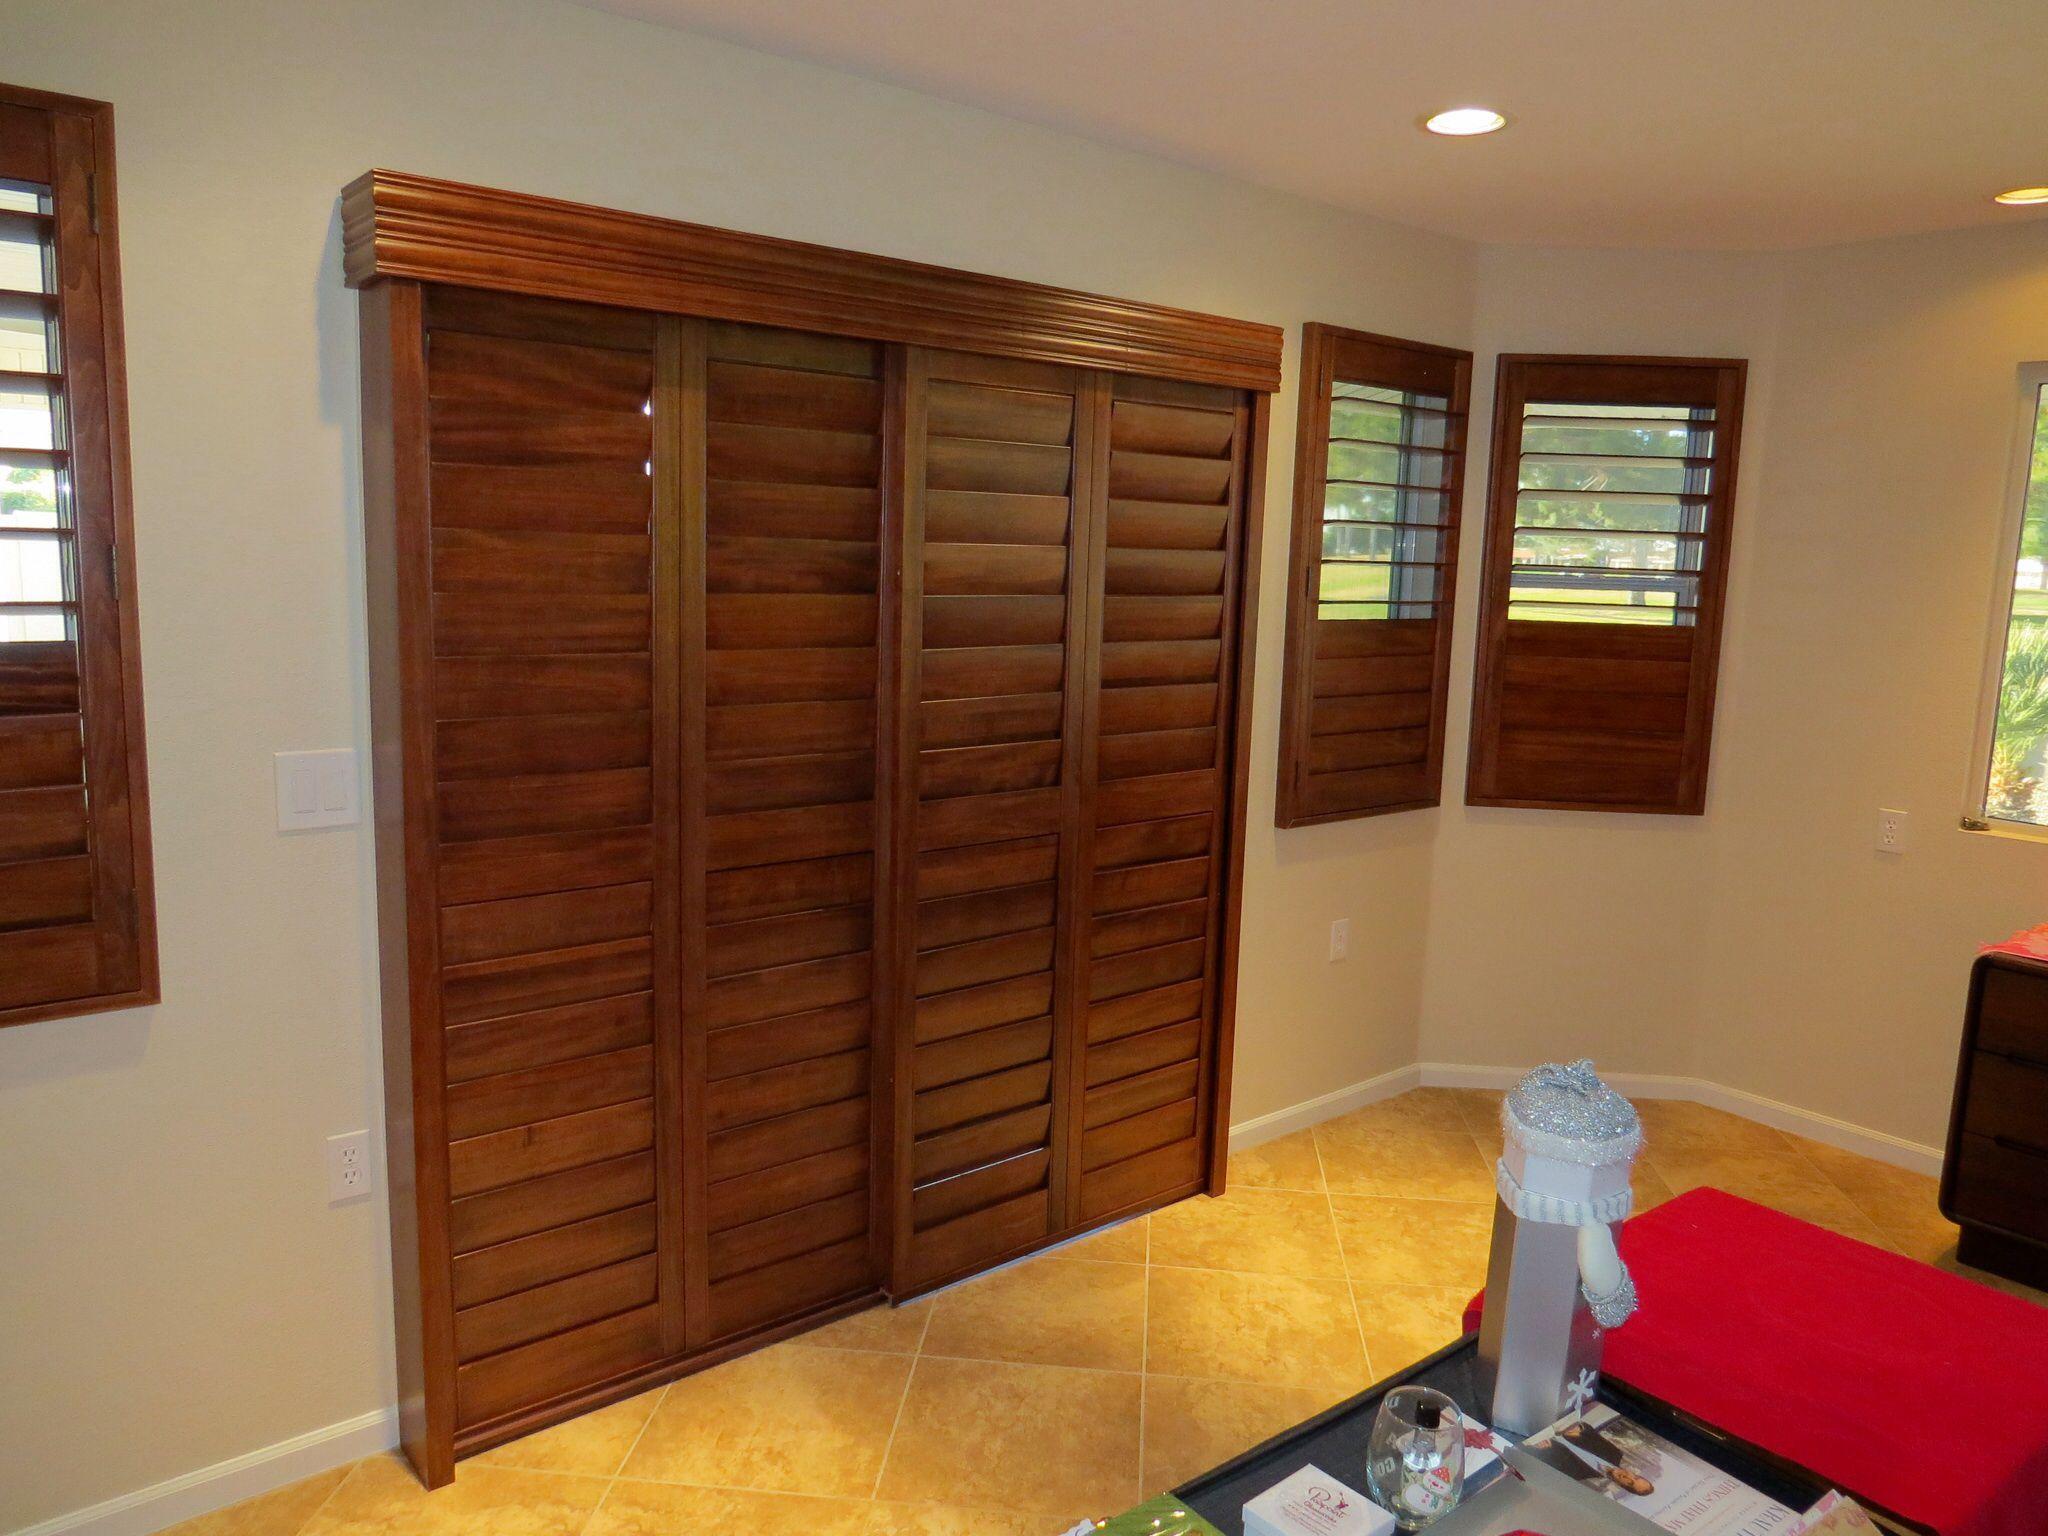 Triangle windows photos supplying wooden window shutters for - Bypass Sliding Shutter Panels 4 1 2 With Hidden Tilt Wide Open Large Windowsvalancesshutters